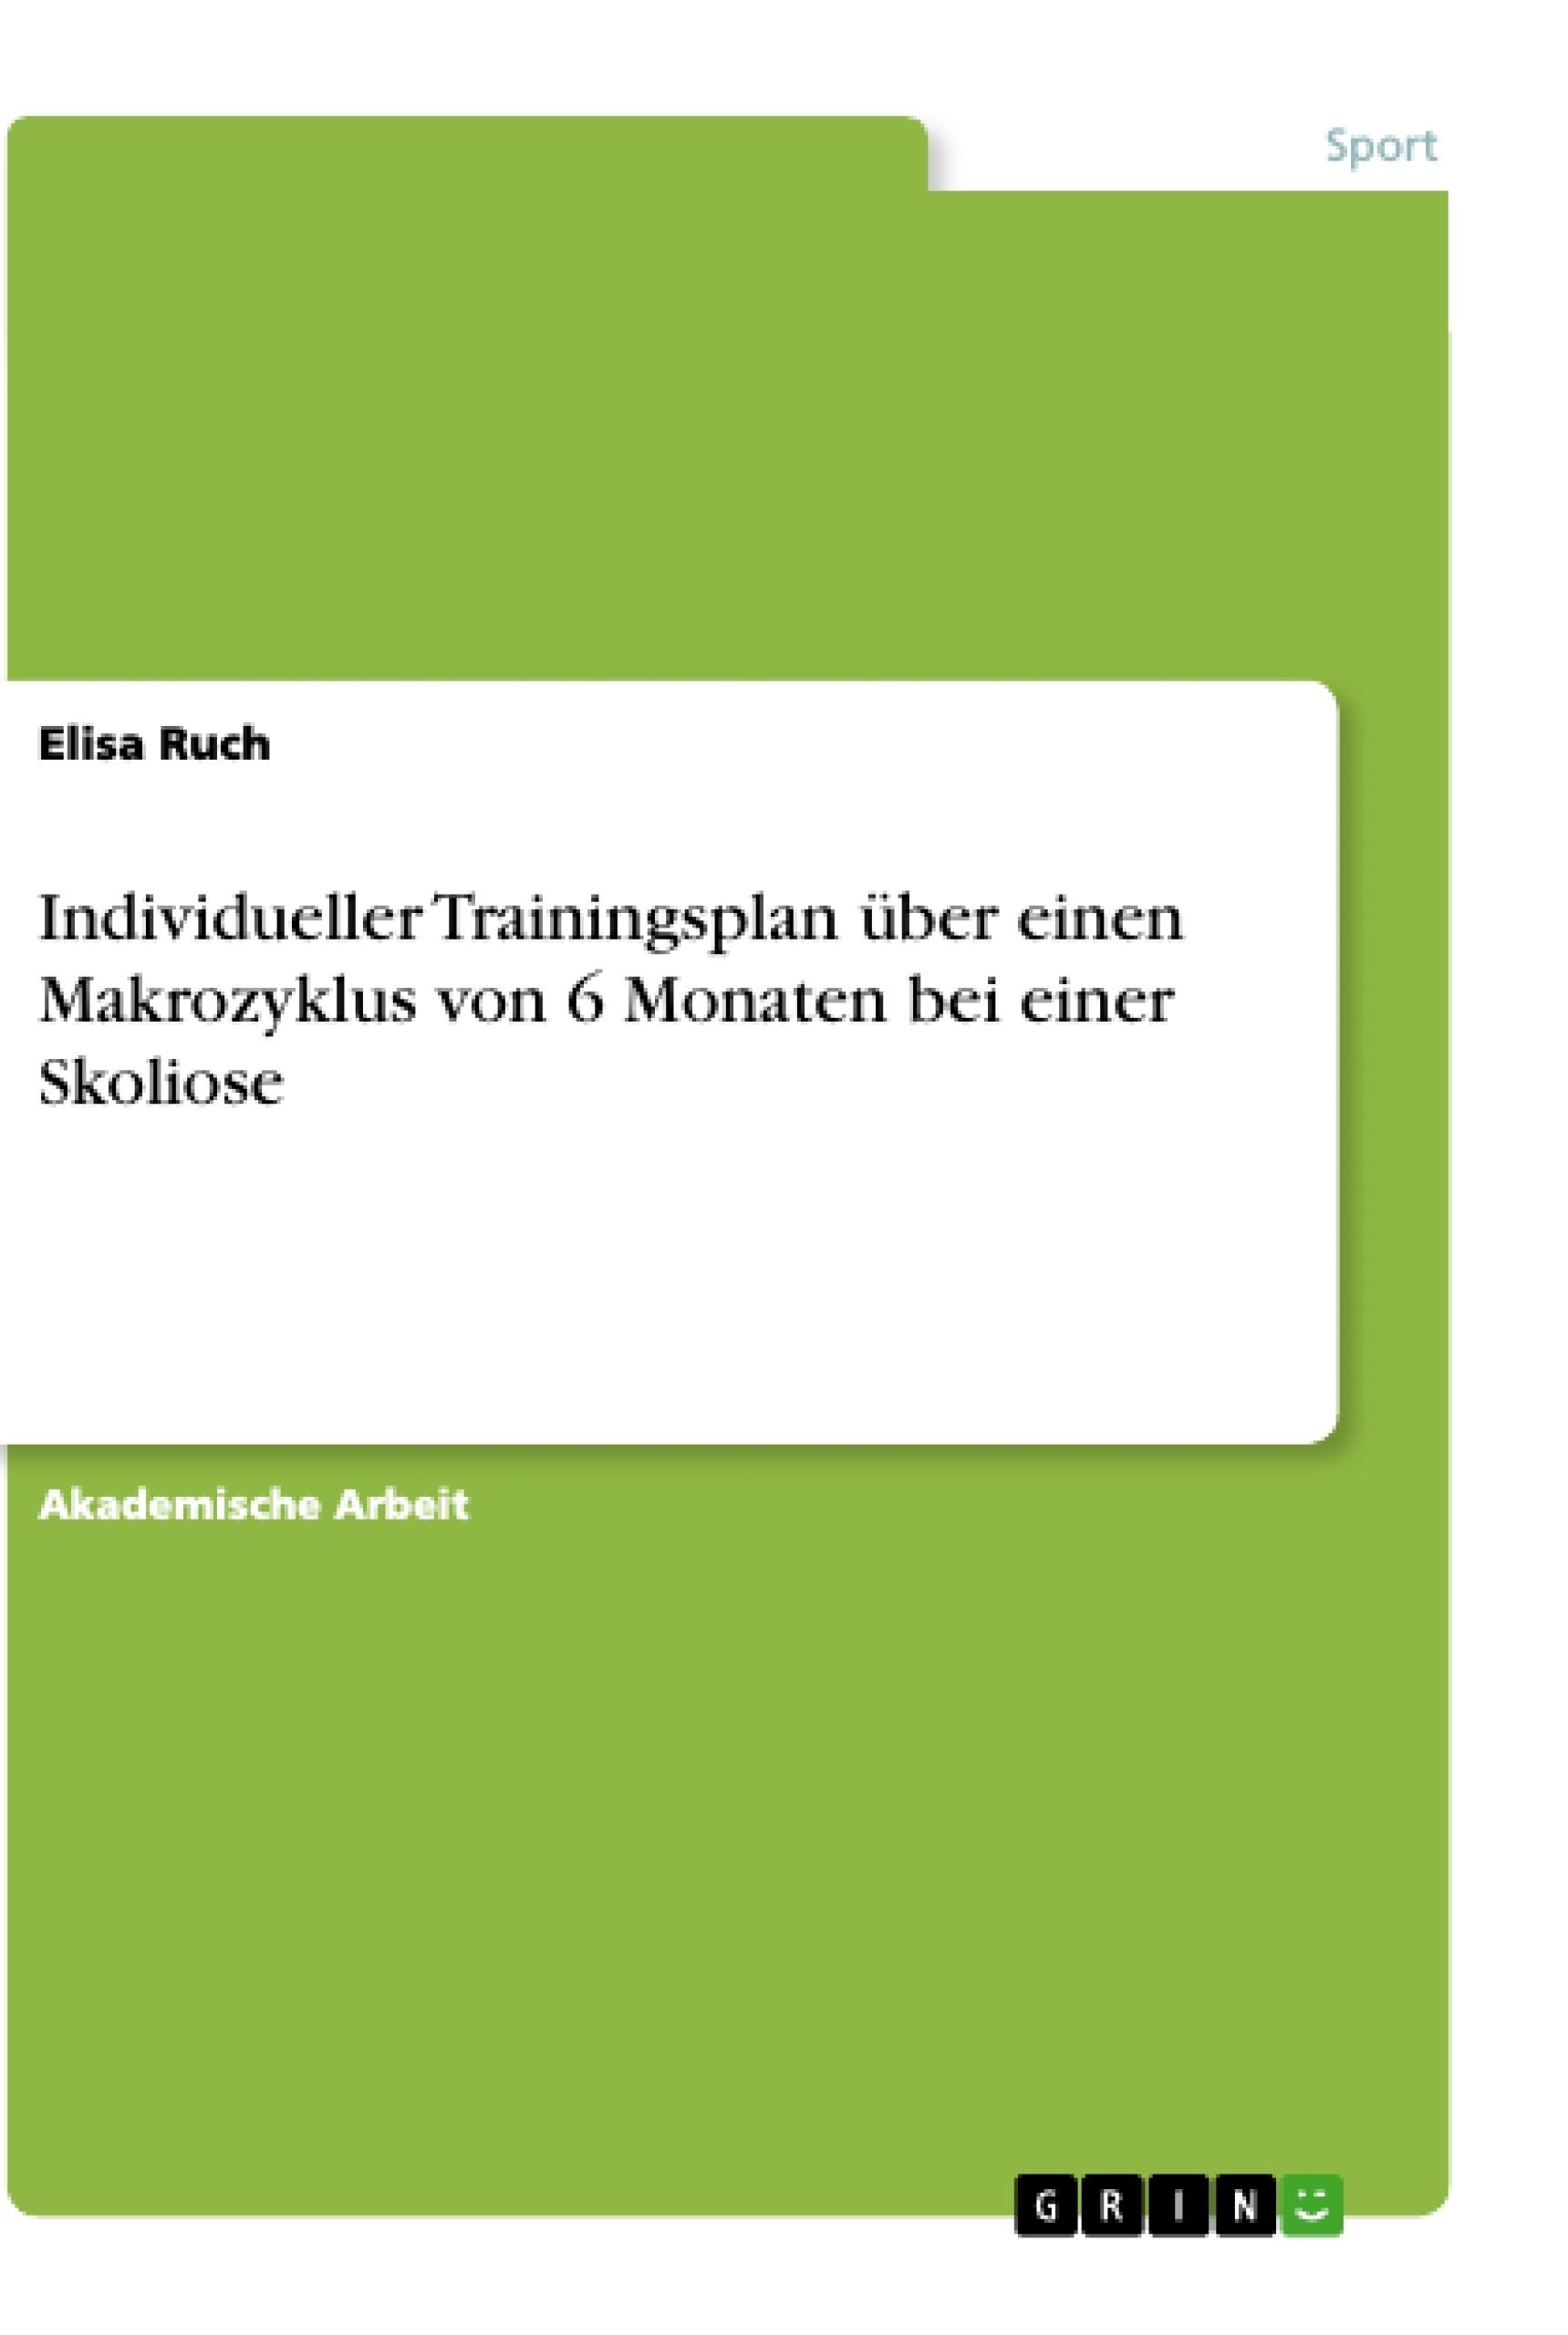 Titel: Individueller Trainingsplan über einen Makrozyklus von 6 Monaten bei einer Skoliose